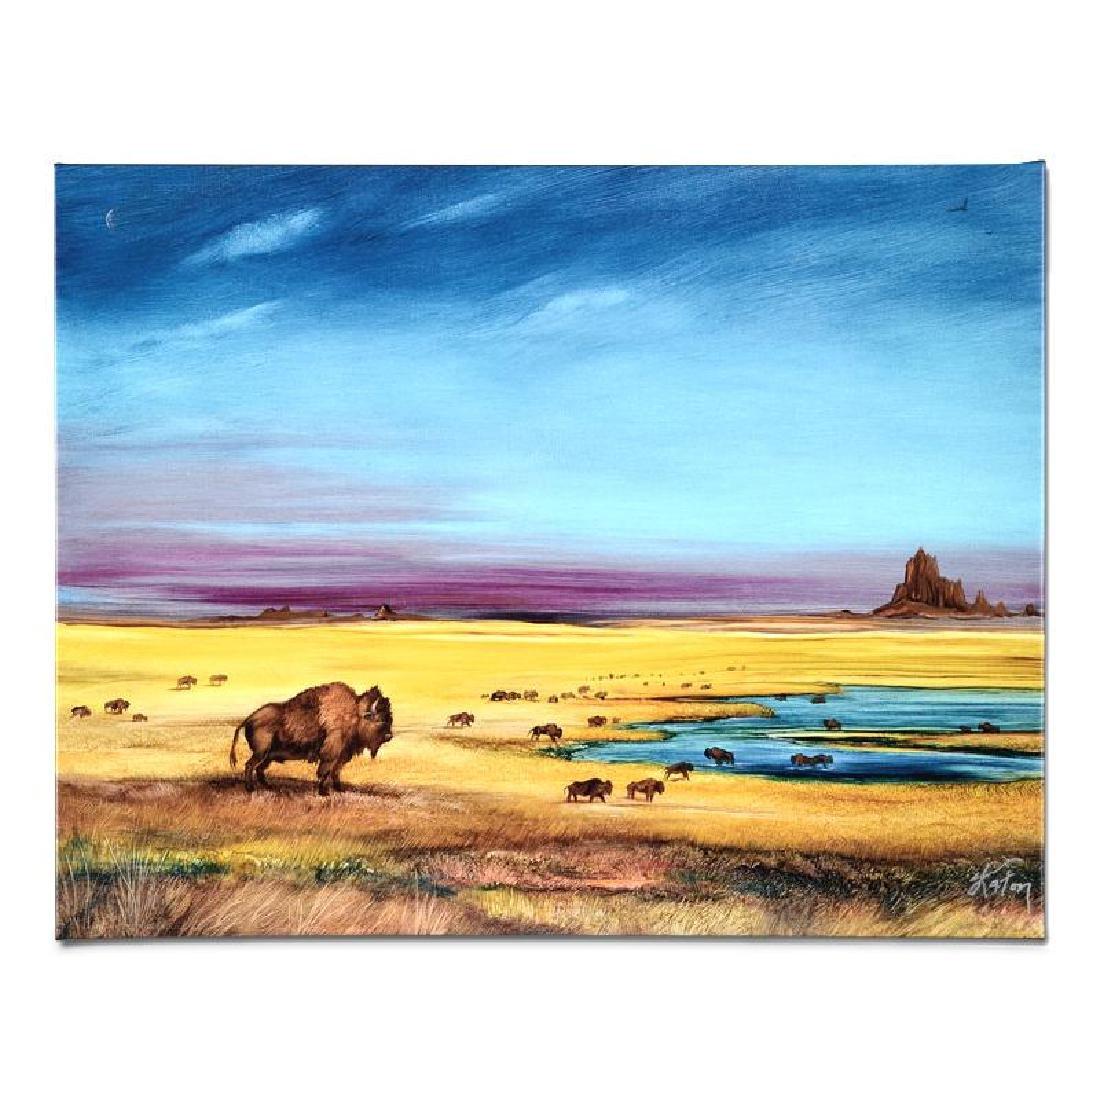 Where the Buffalo... by Katon, Martin - 3